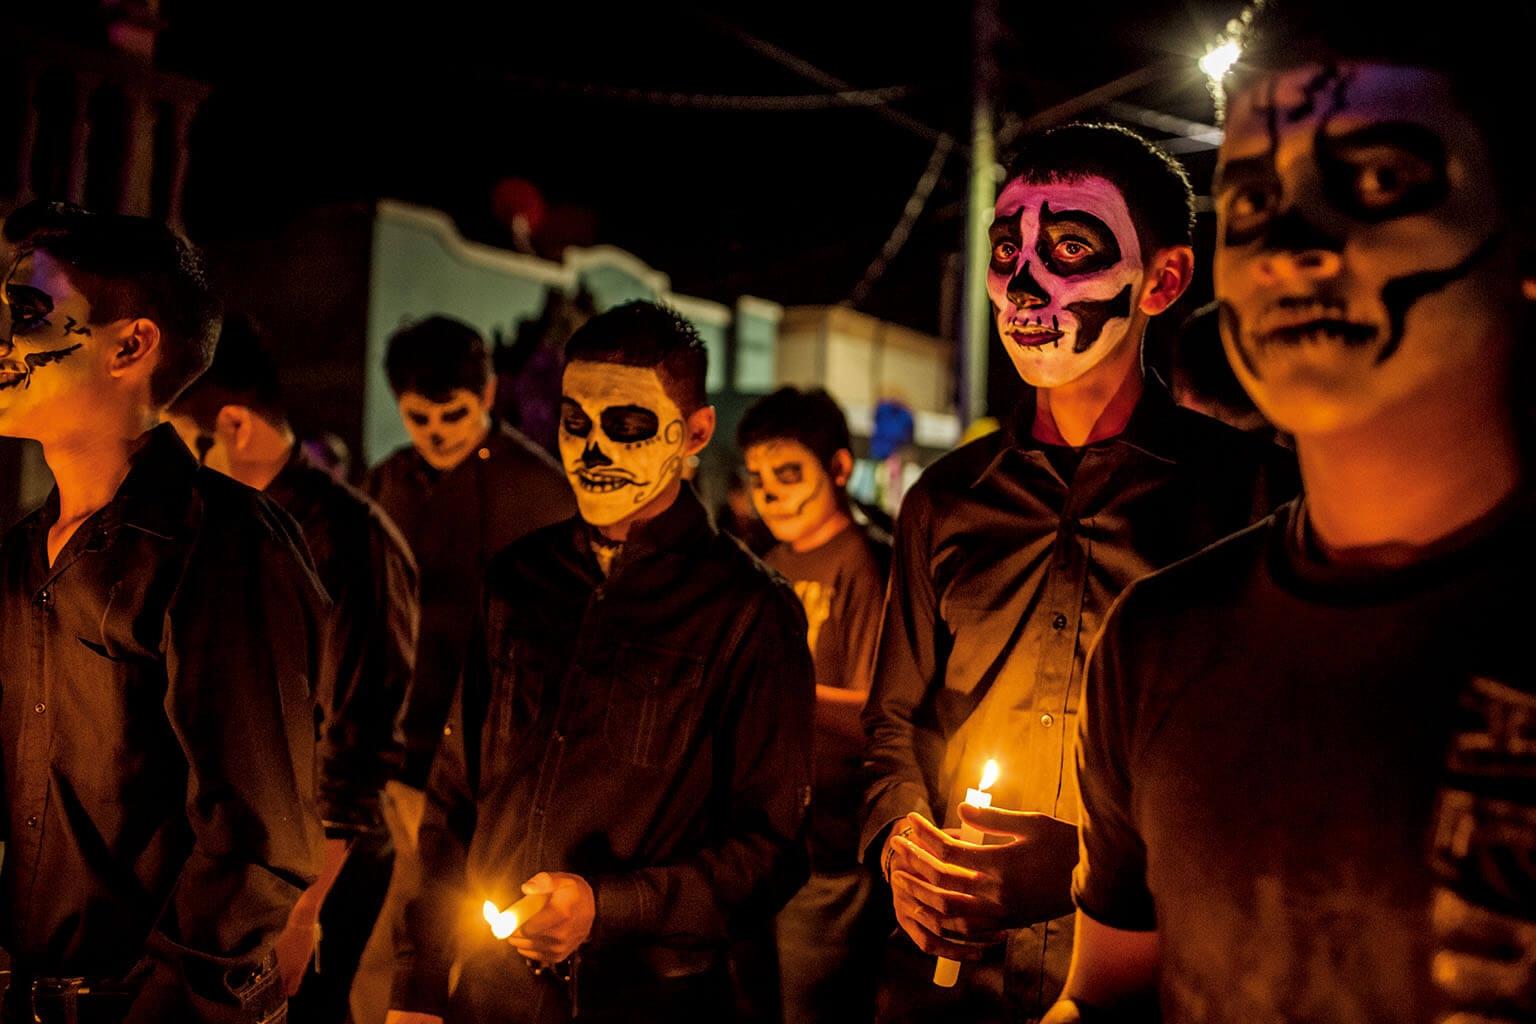 2011年,塞塔斯販毒集團為了報復被他們認定為告密者的成員,在阿延第和鄰近城鎮大開殺戒,殺了至少60人。在這個嚴重受創的的社區,每逢墨西哥緬懷祖先的亡靈節時就感覺格外地辛酸。 攝影:柯爾斯登.魯斯 Kirsten Luce